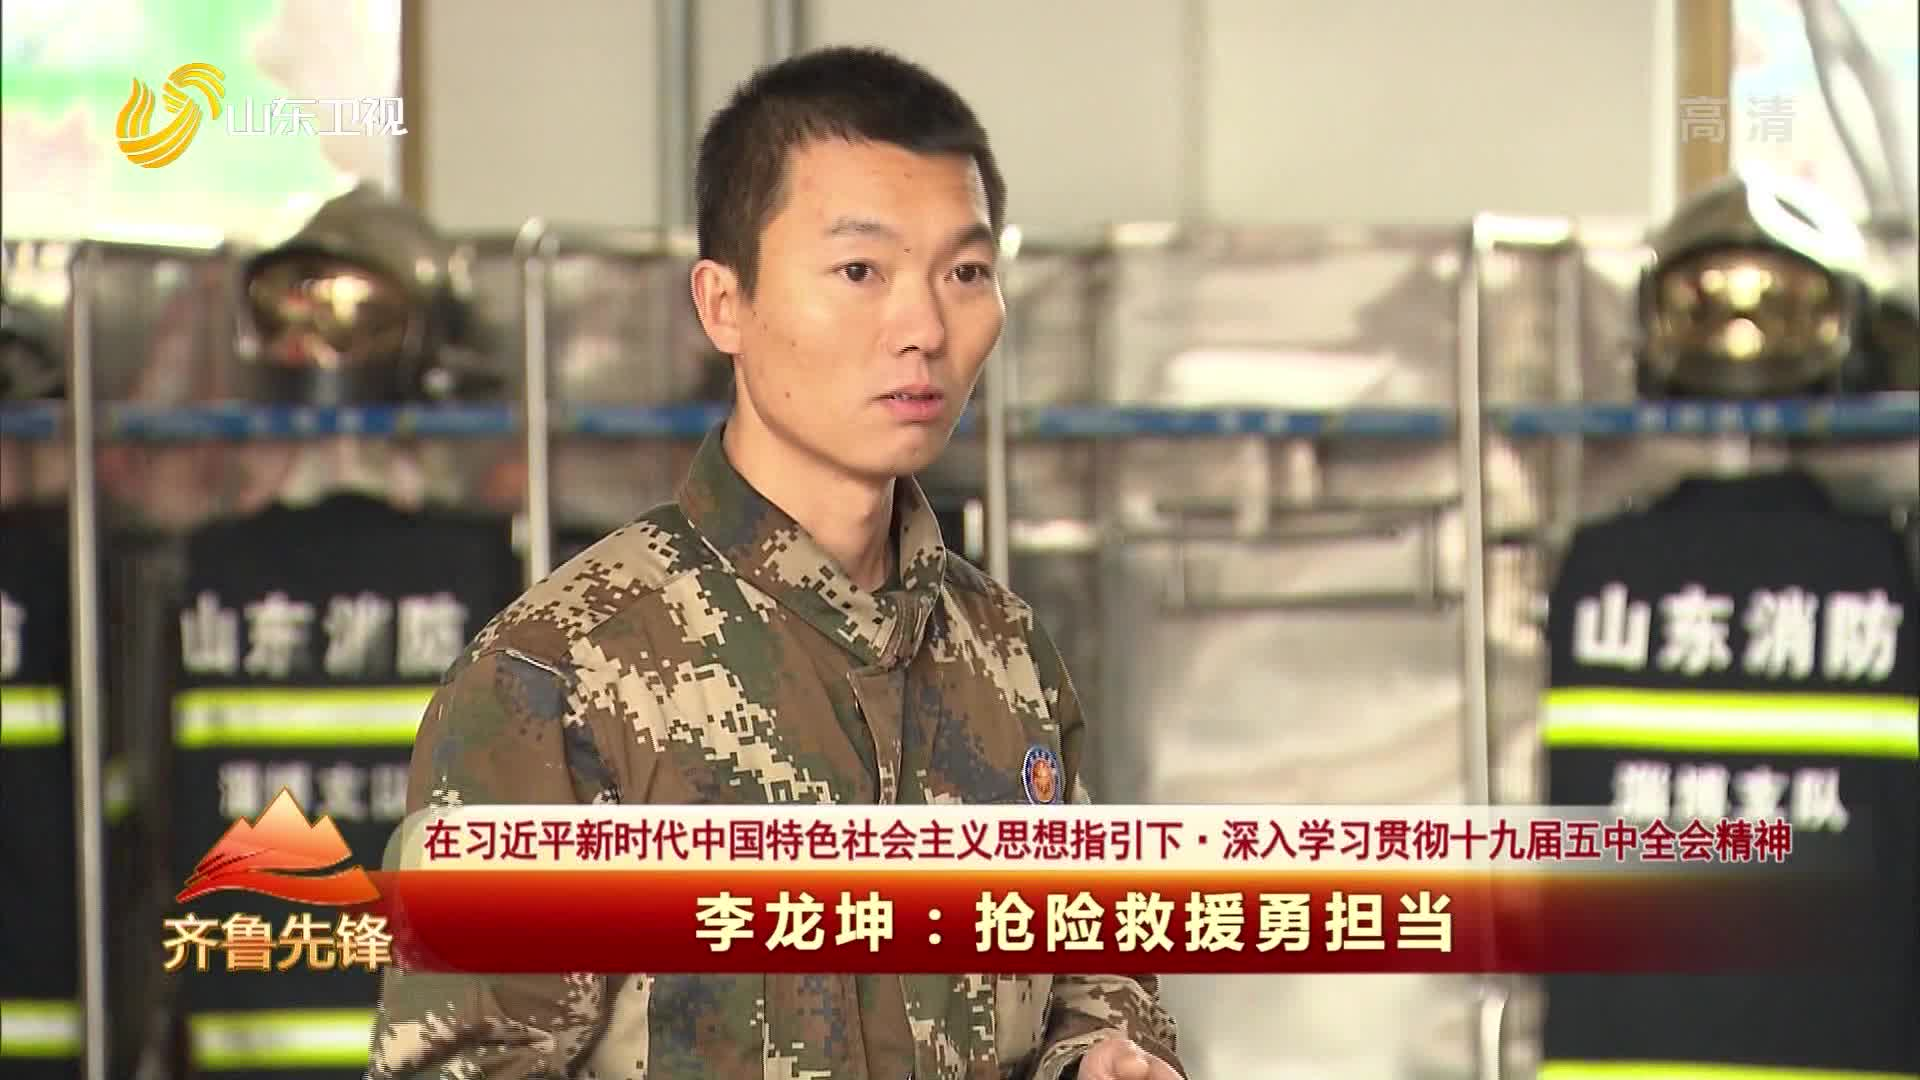 20210126《齐鲁先锋 》: 李龙坤——抢险救援勇担当